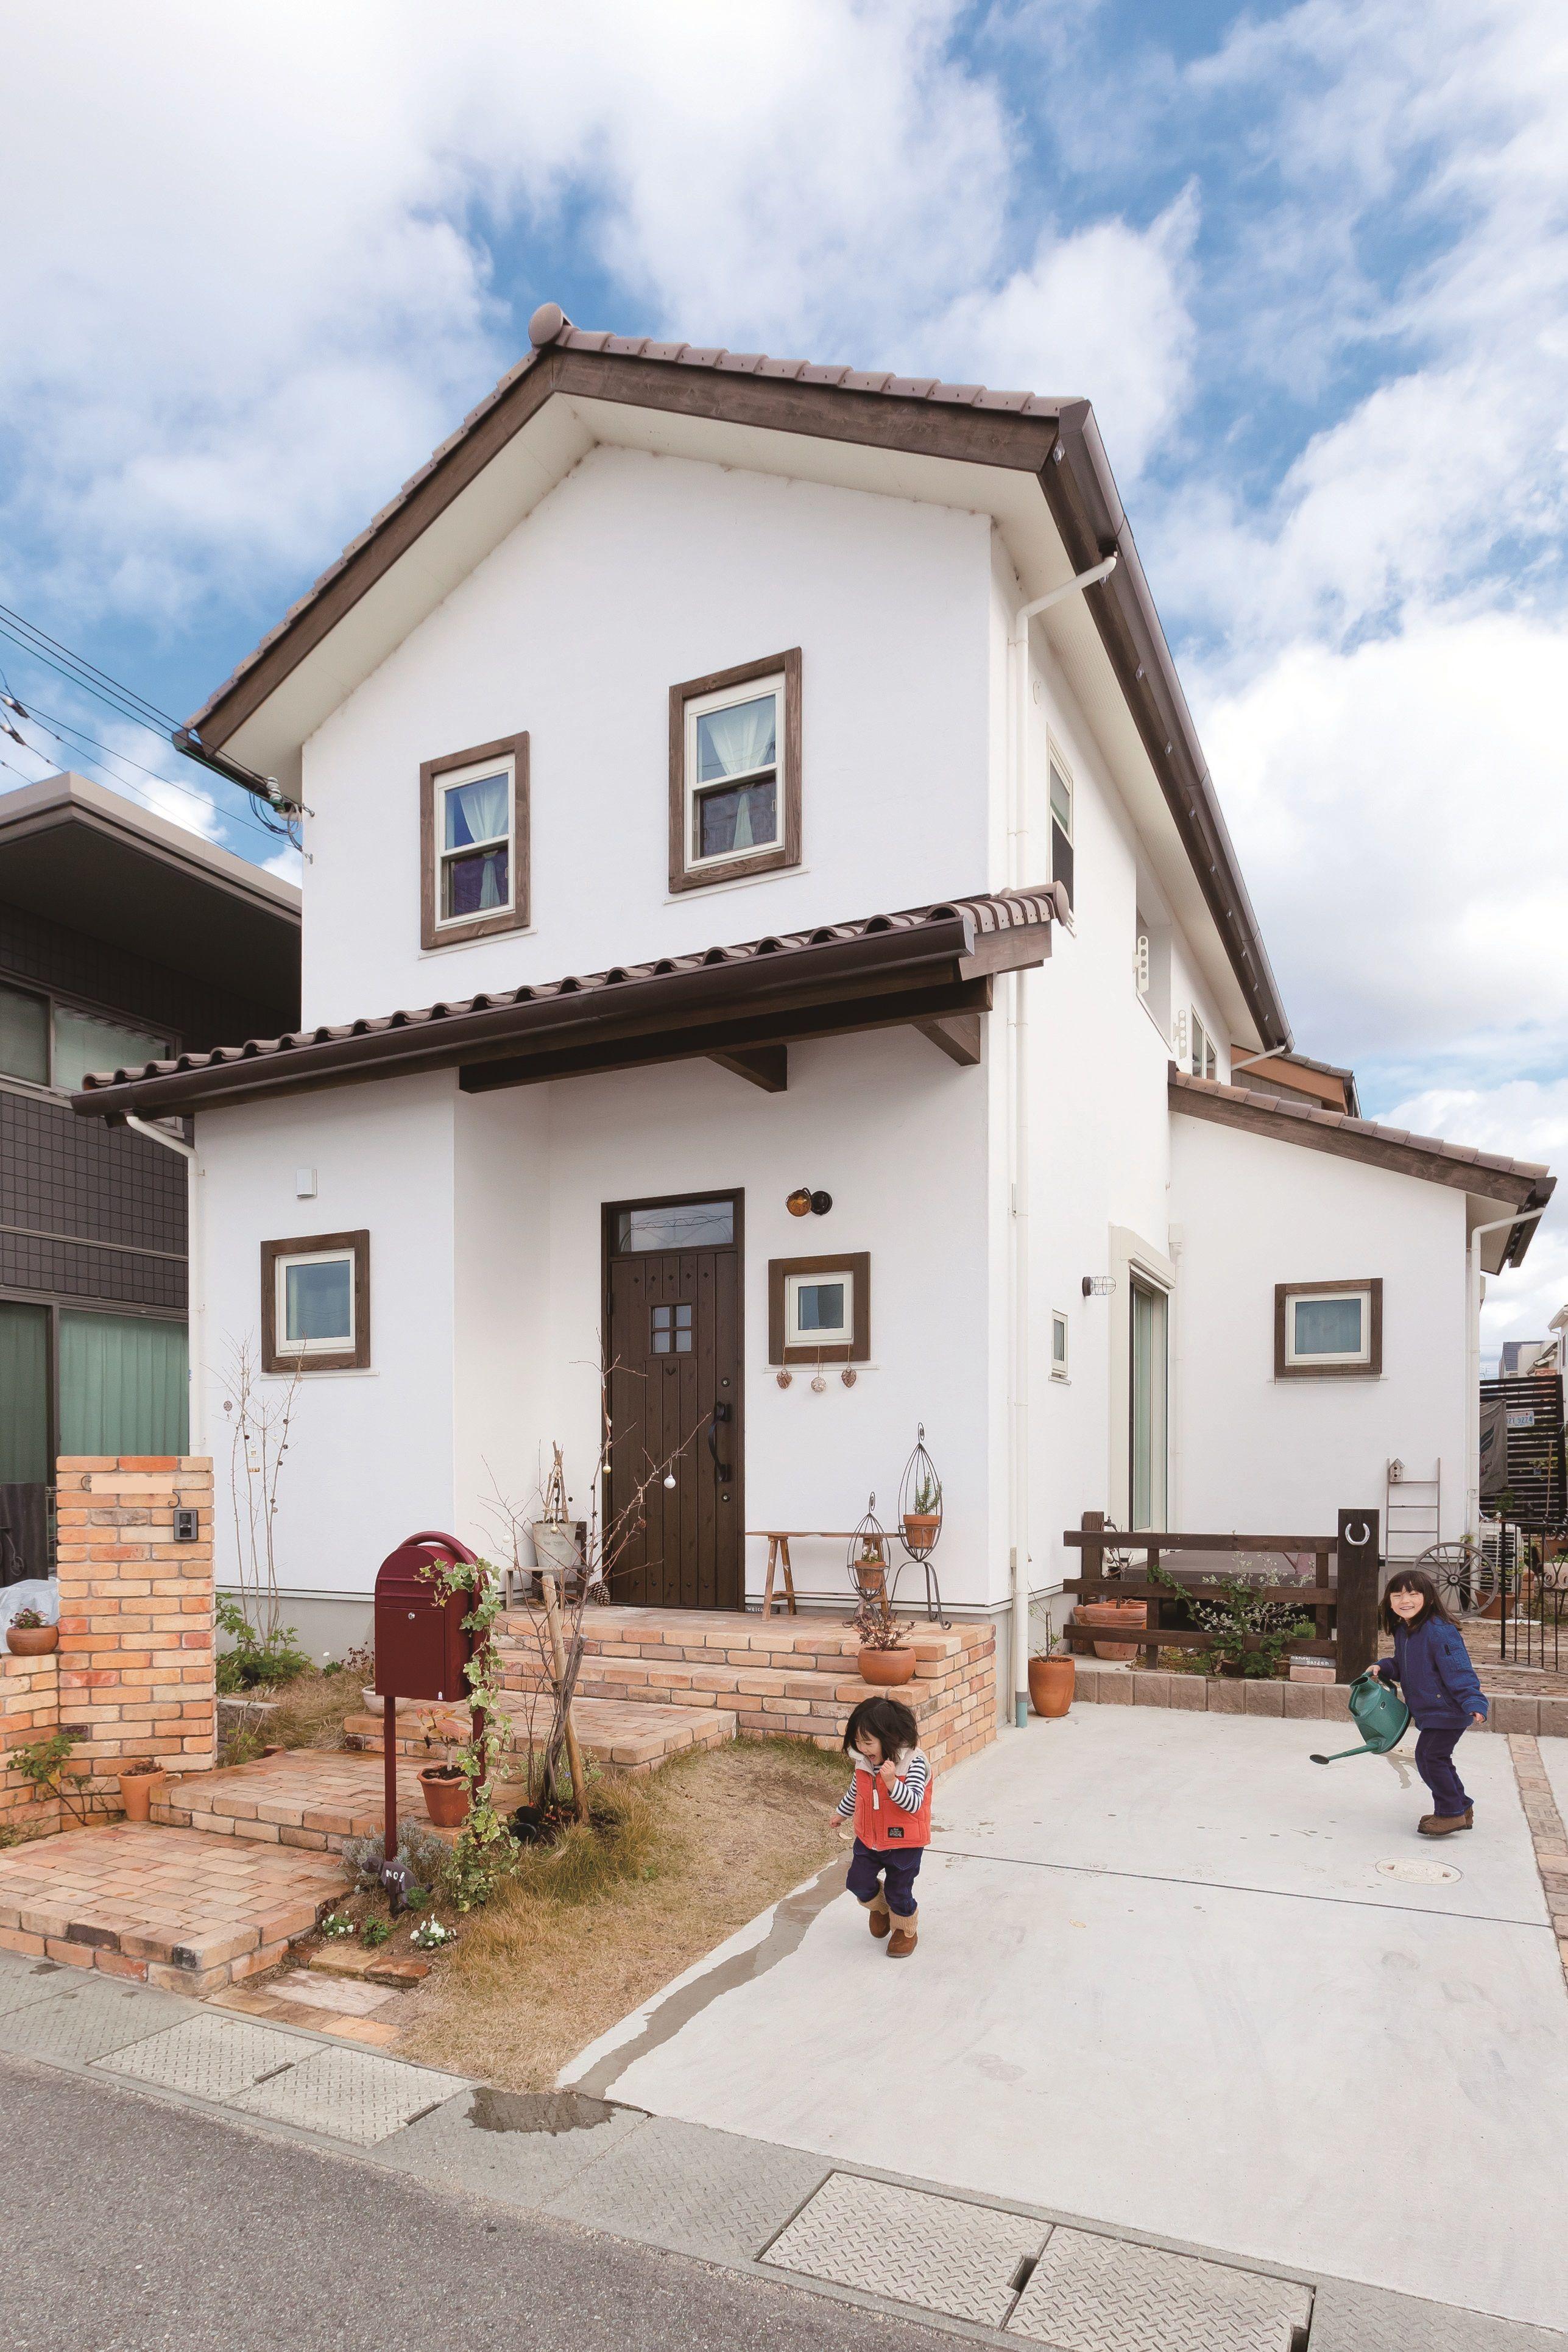 ケース80 ホームウェア スペイン風の家 住宅 外観